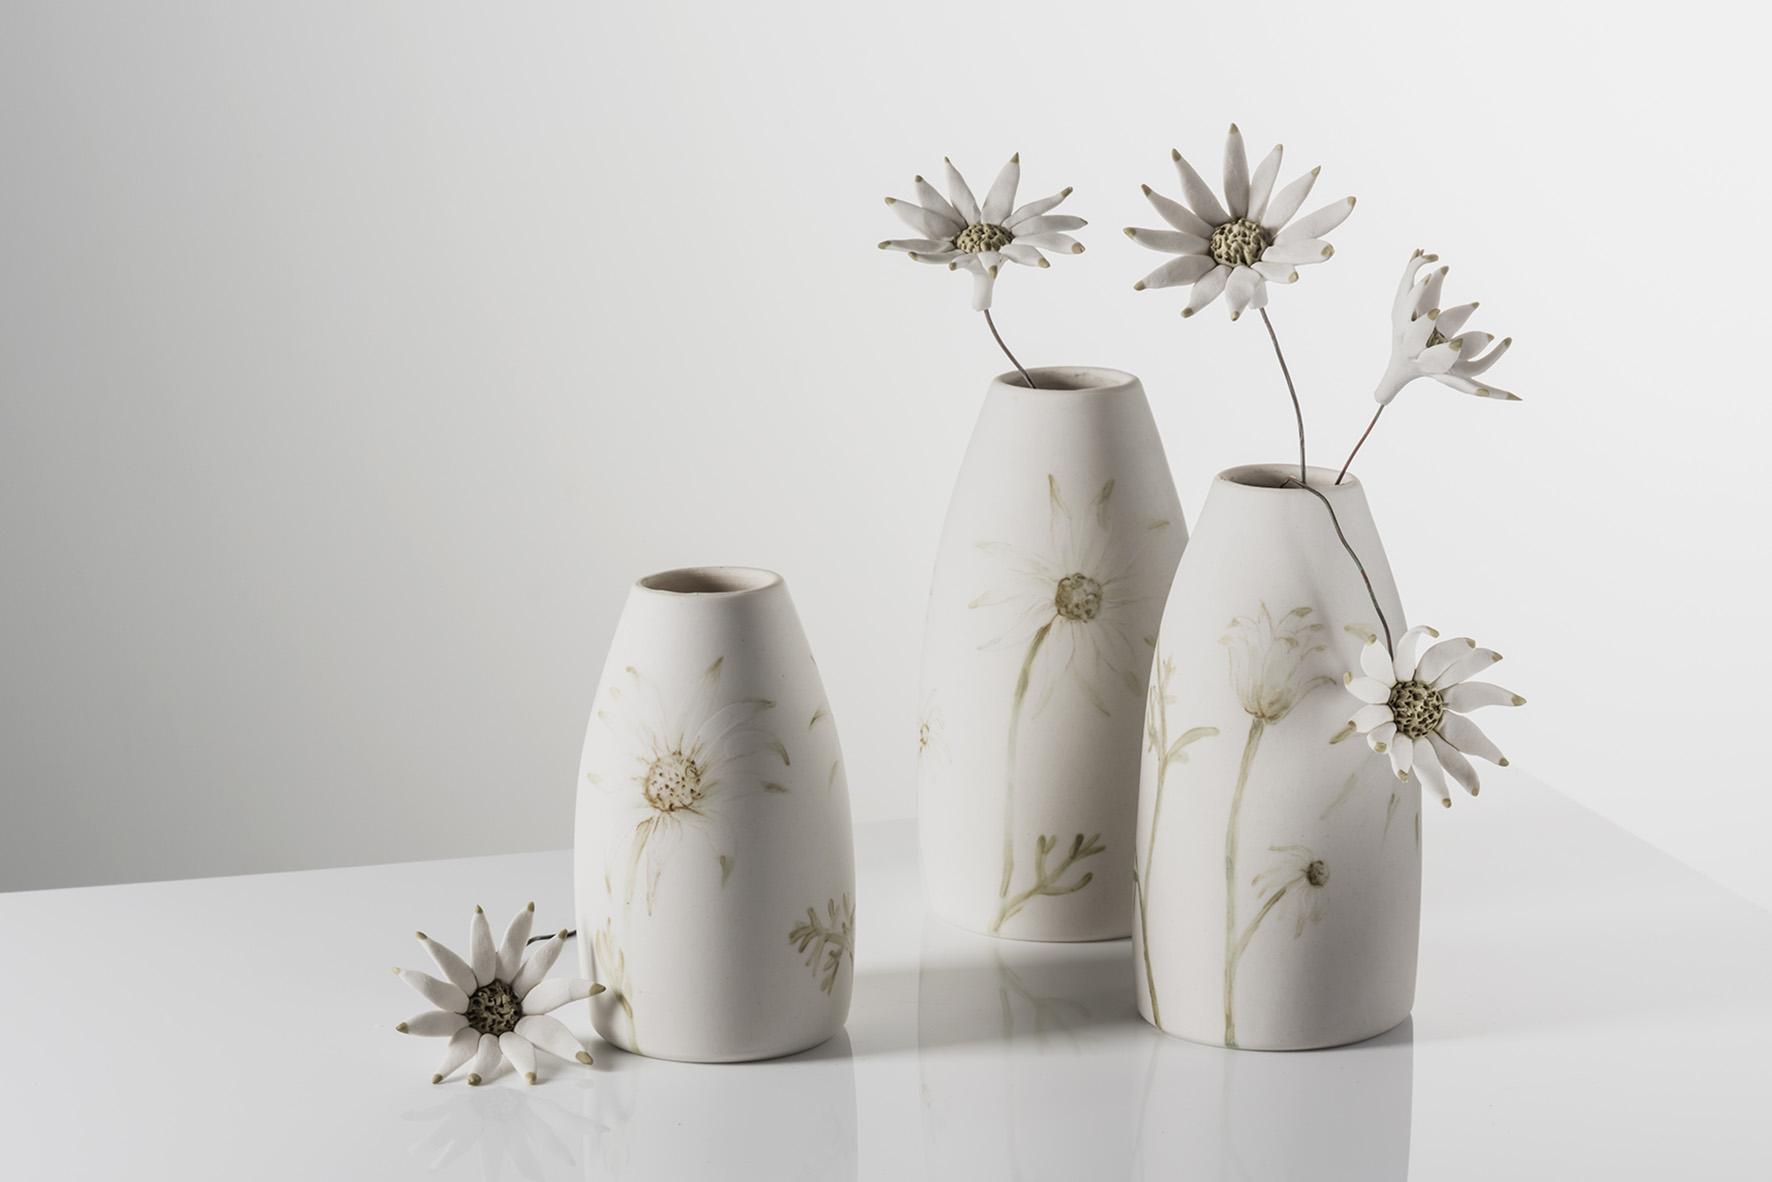 Flannel Flower vases